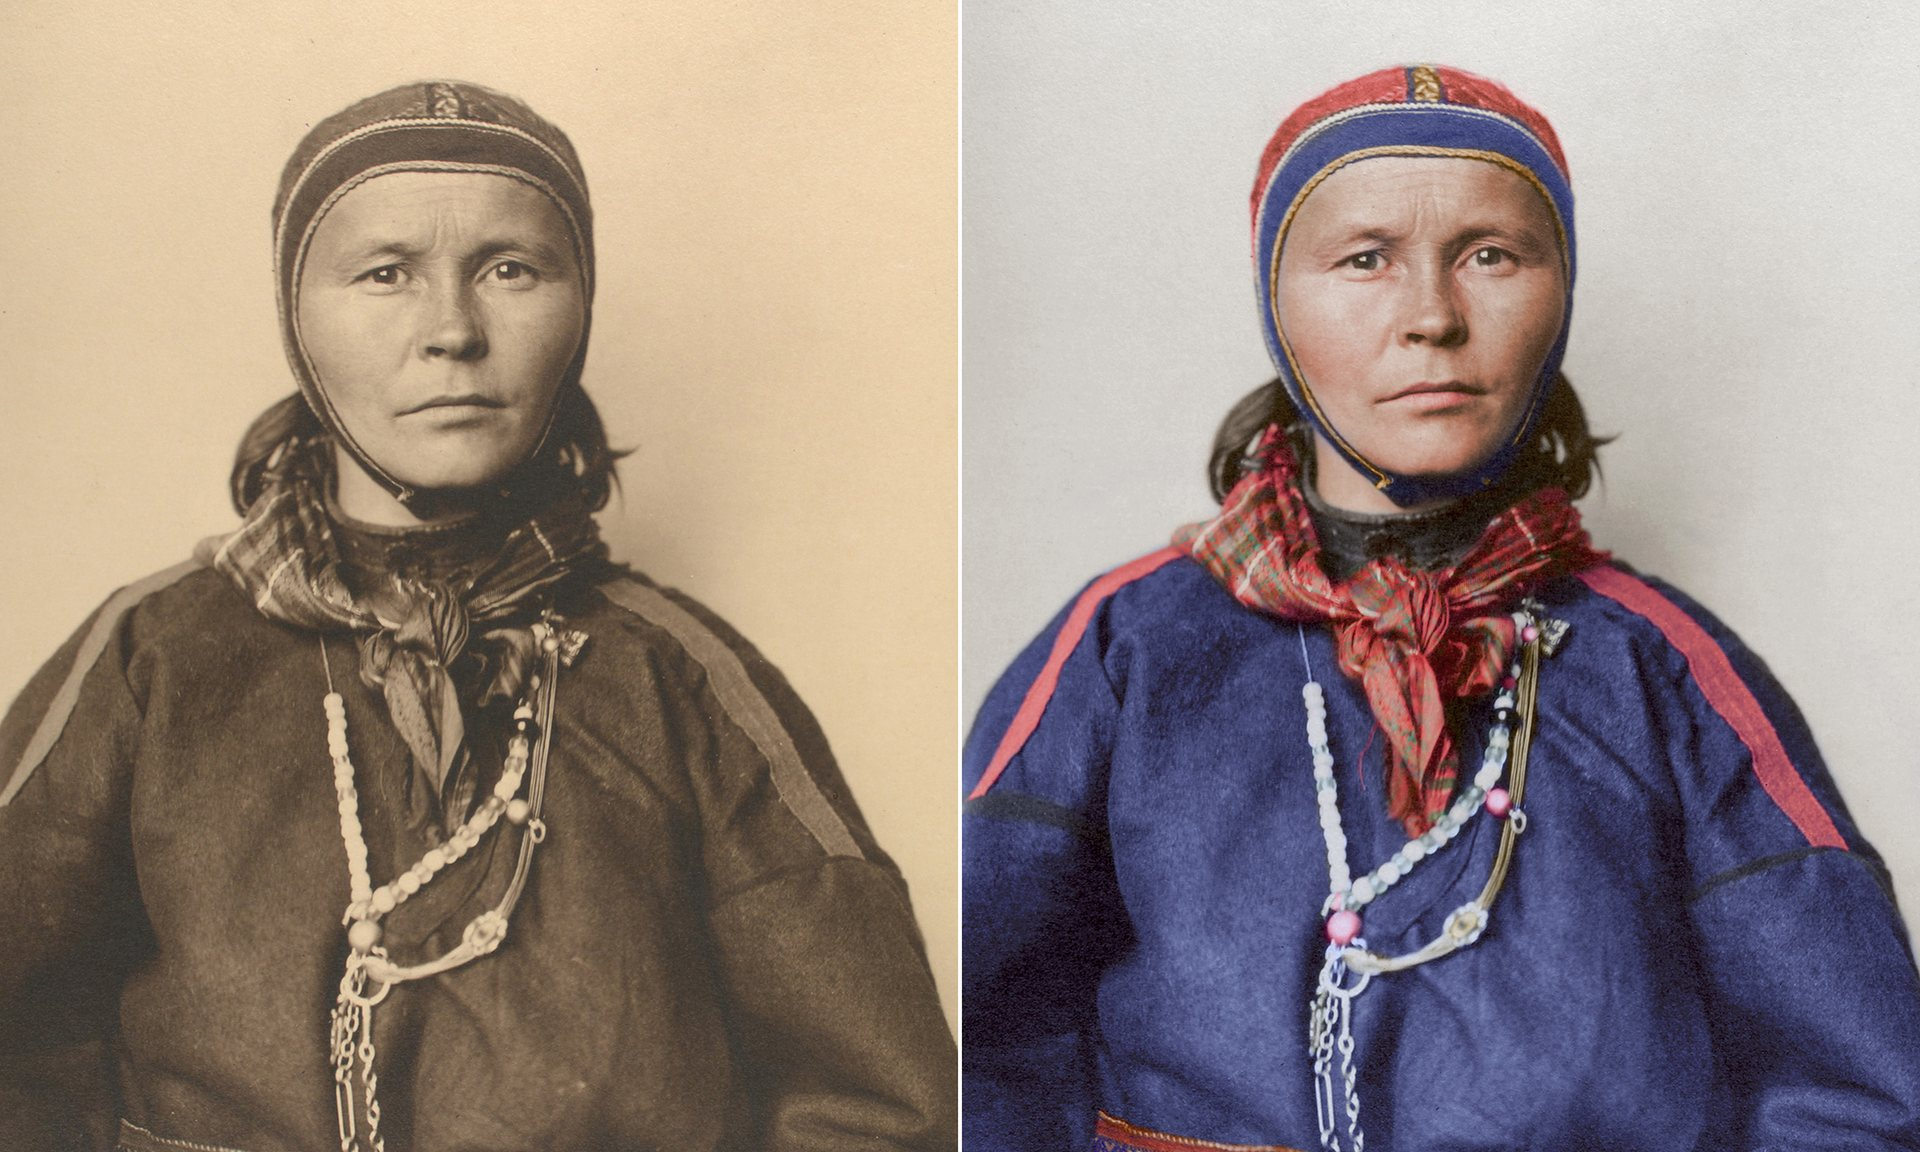 Un laplander alrededor de 1910, con el traje tradicional de la gente de Sami que habitan en las regiones árticas en el norte de Noruega a la península de Kola en Rusia